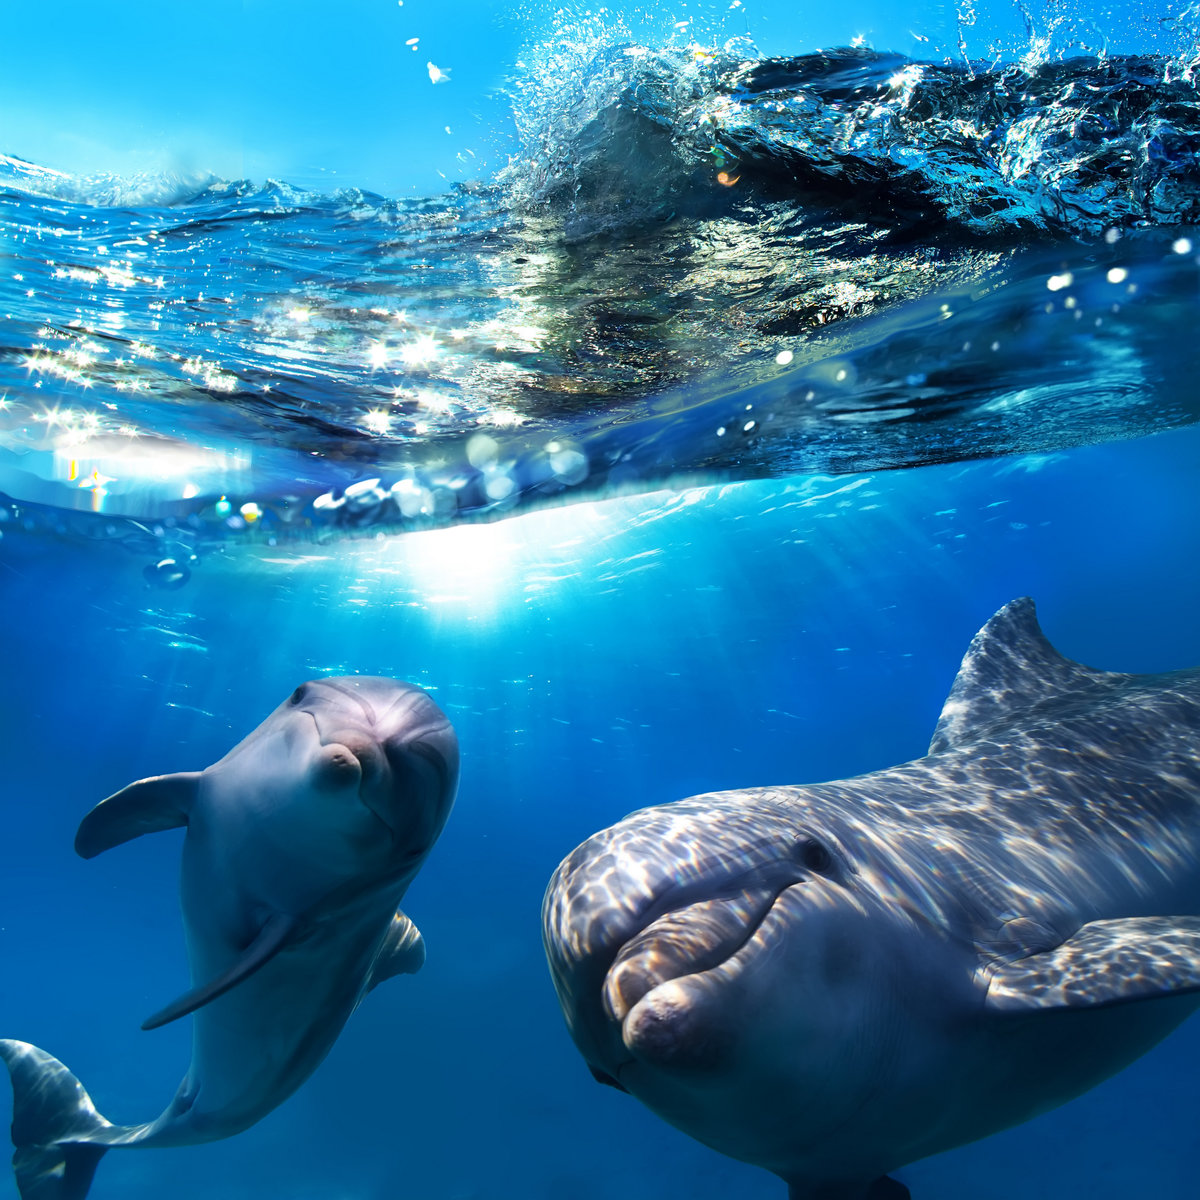 Картинки море и дельфины на телефон